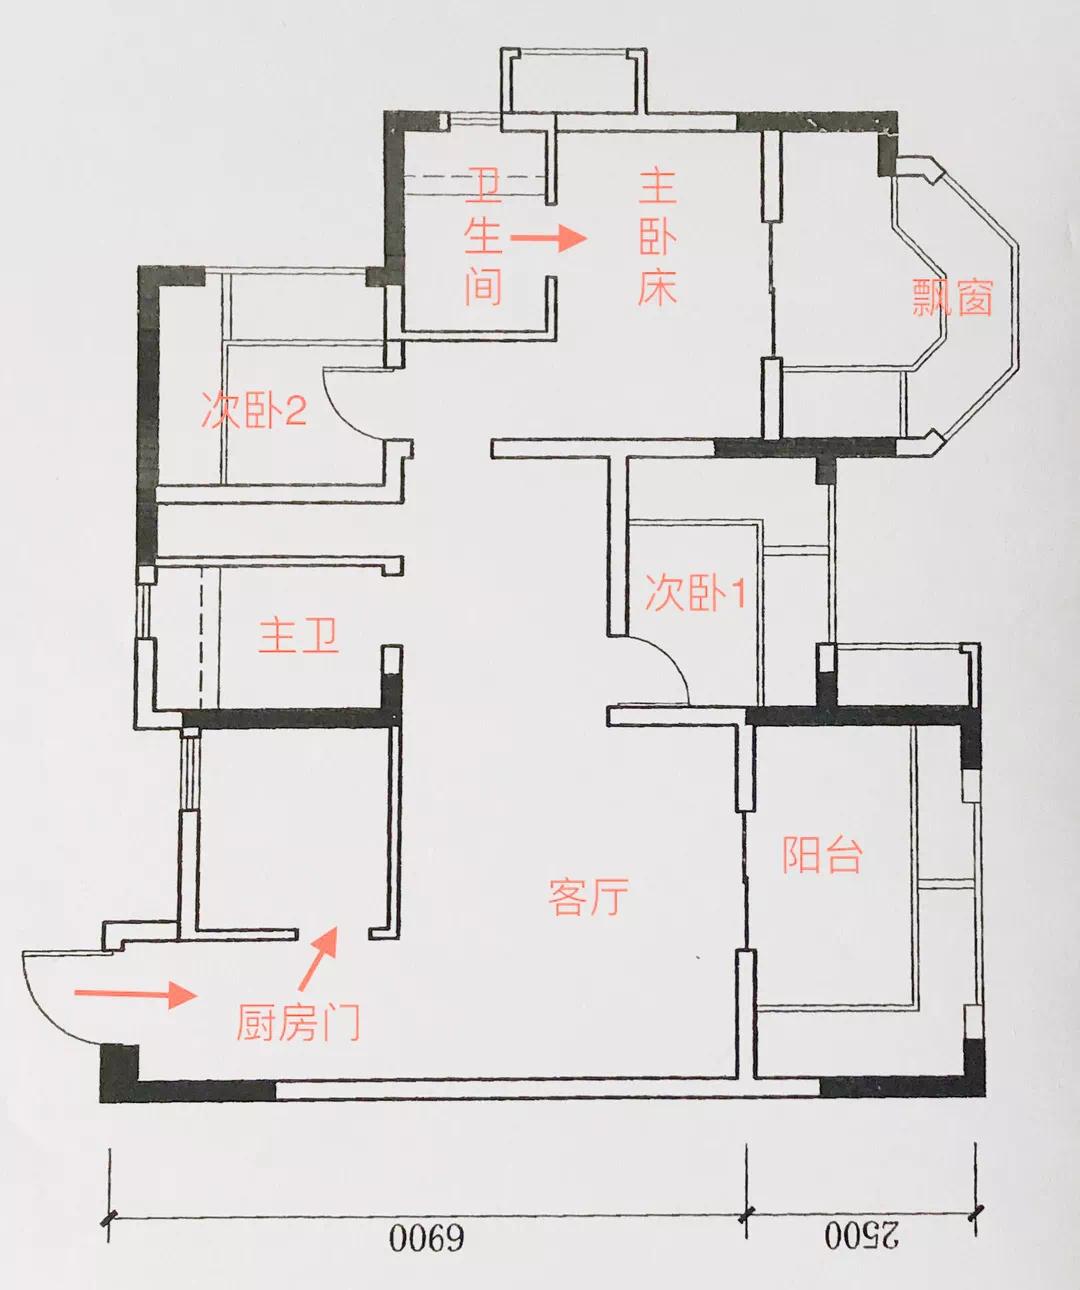 100㎡3室2厅:看精致girl奇思妙想,搞定房屋风水问题 风水 第2张